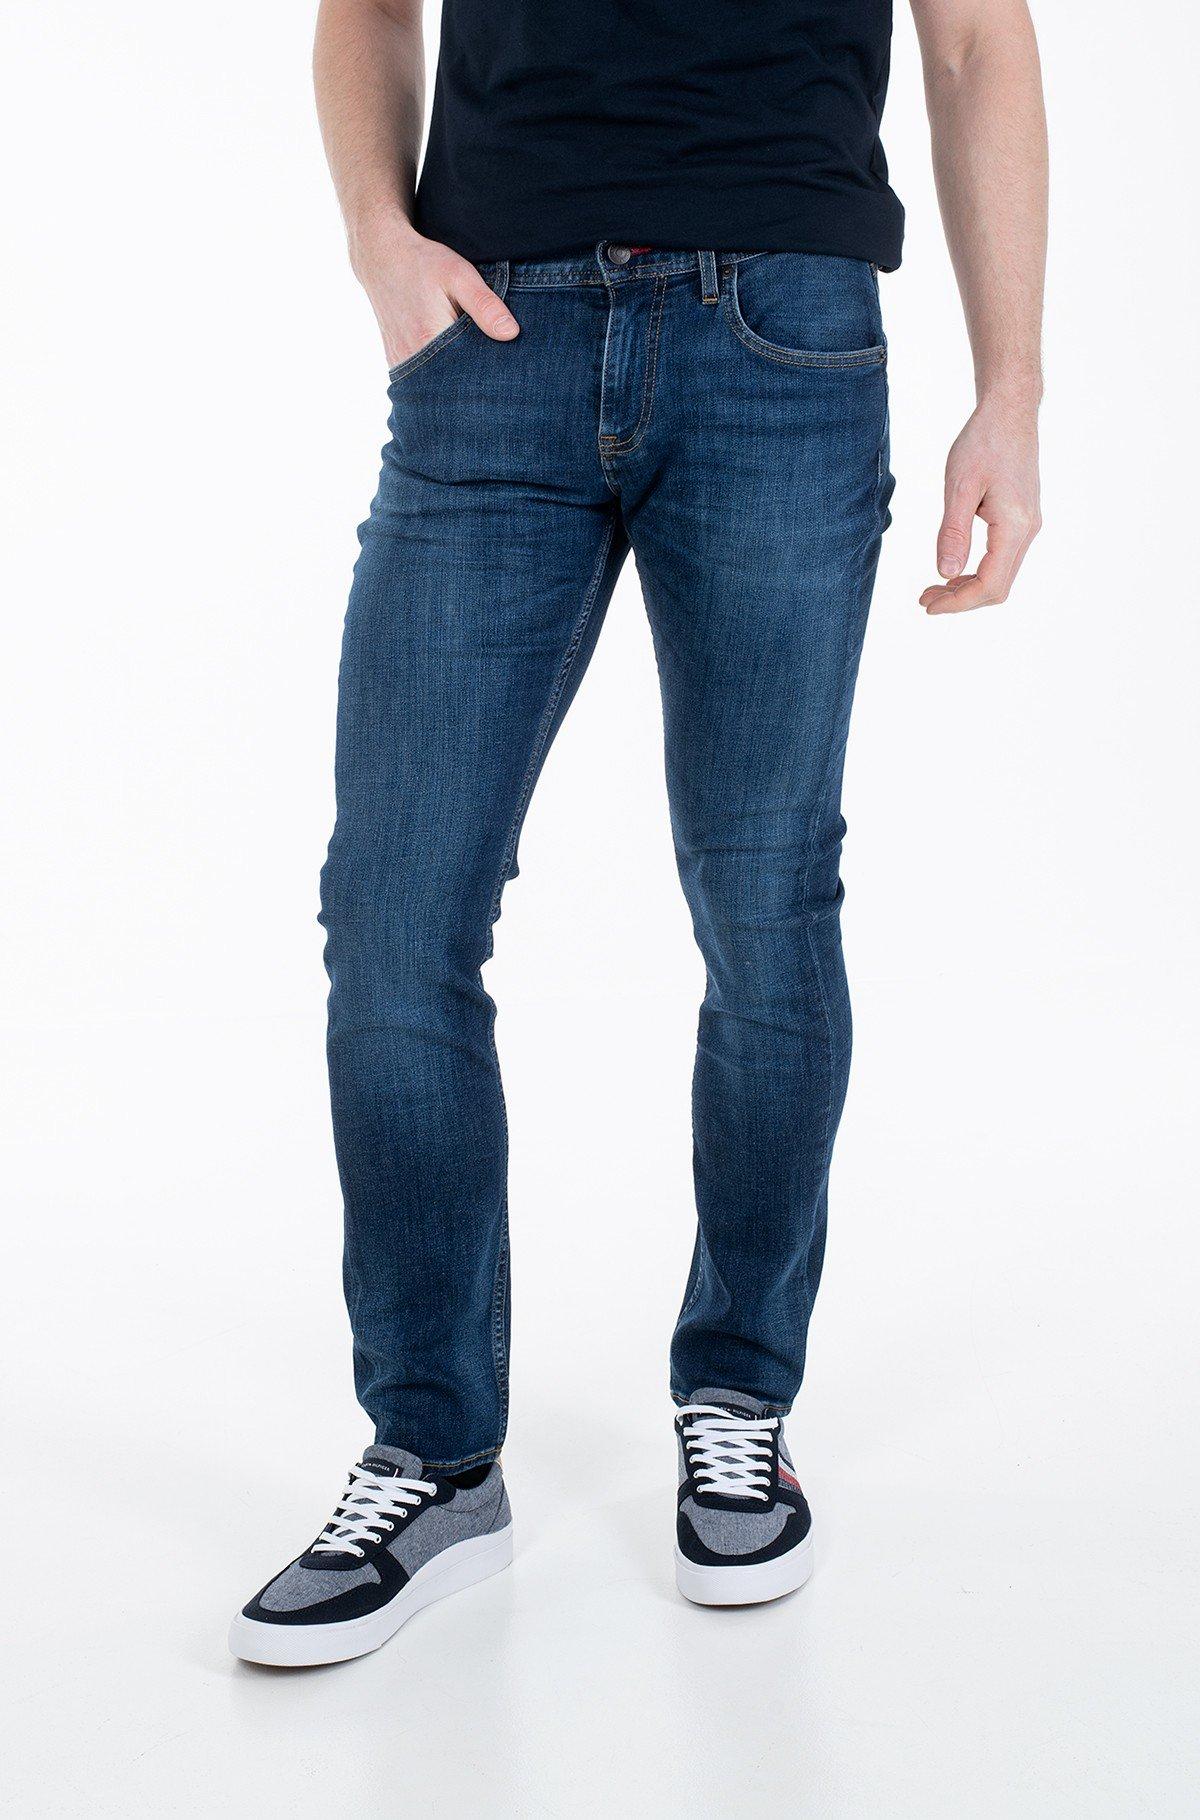 Džinsinės kelnės STRAIGHT DENTON PSTR PARK BLUE-full-1